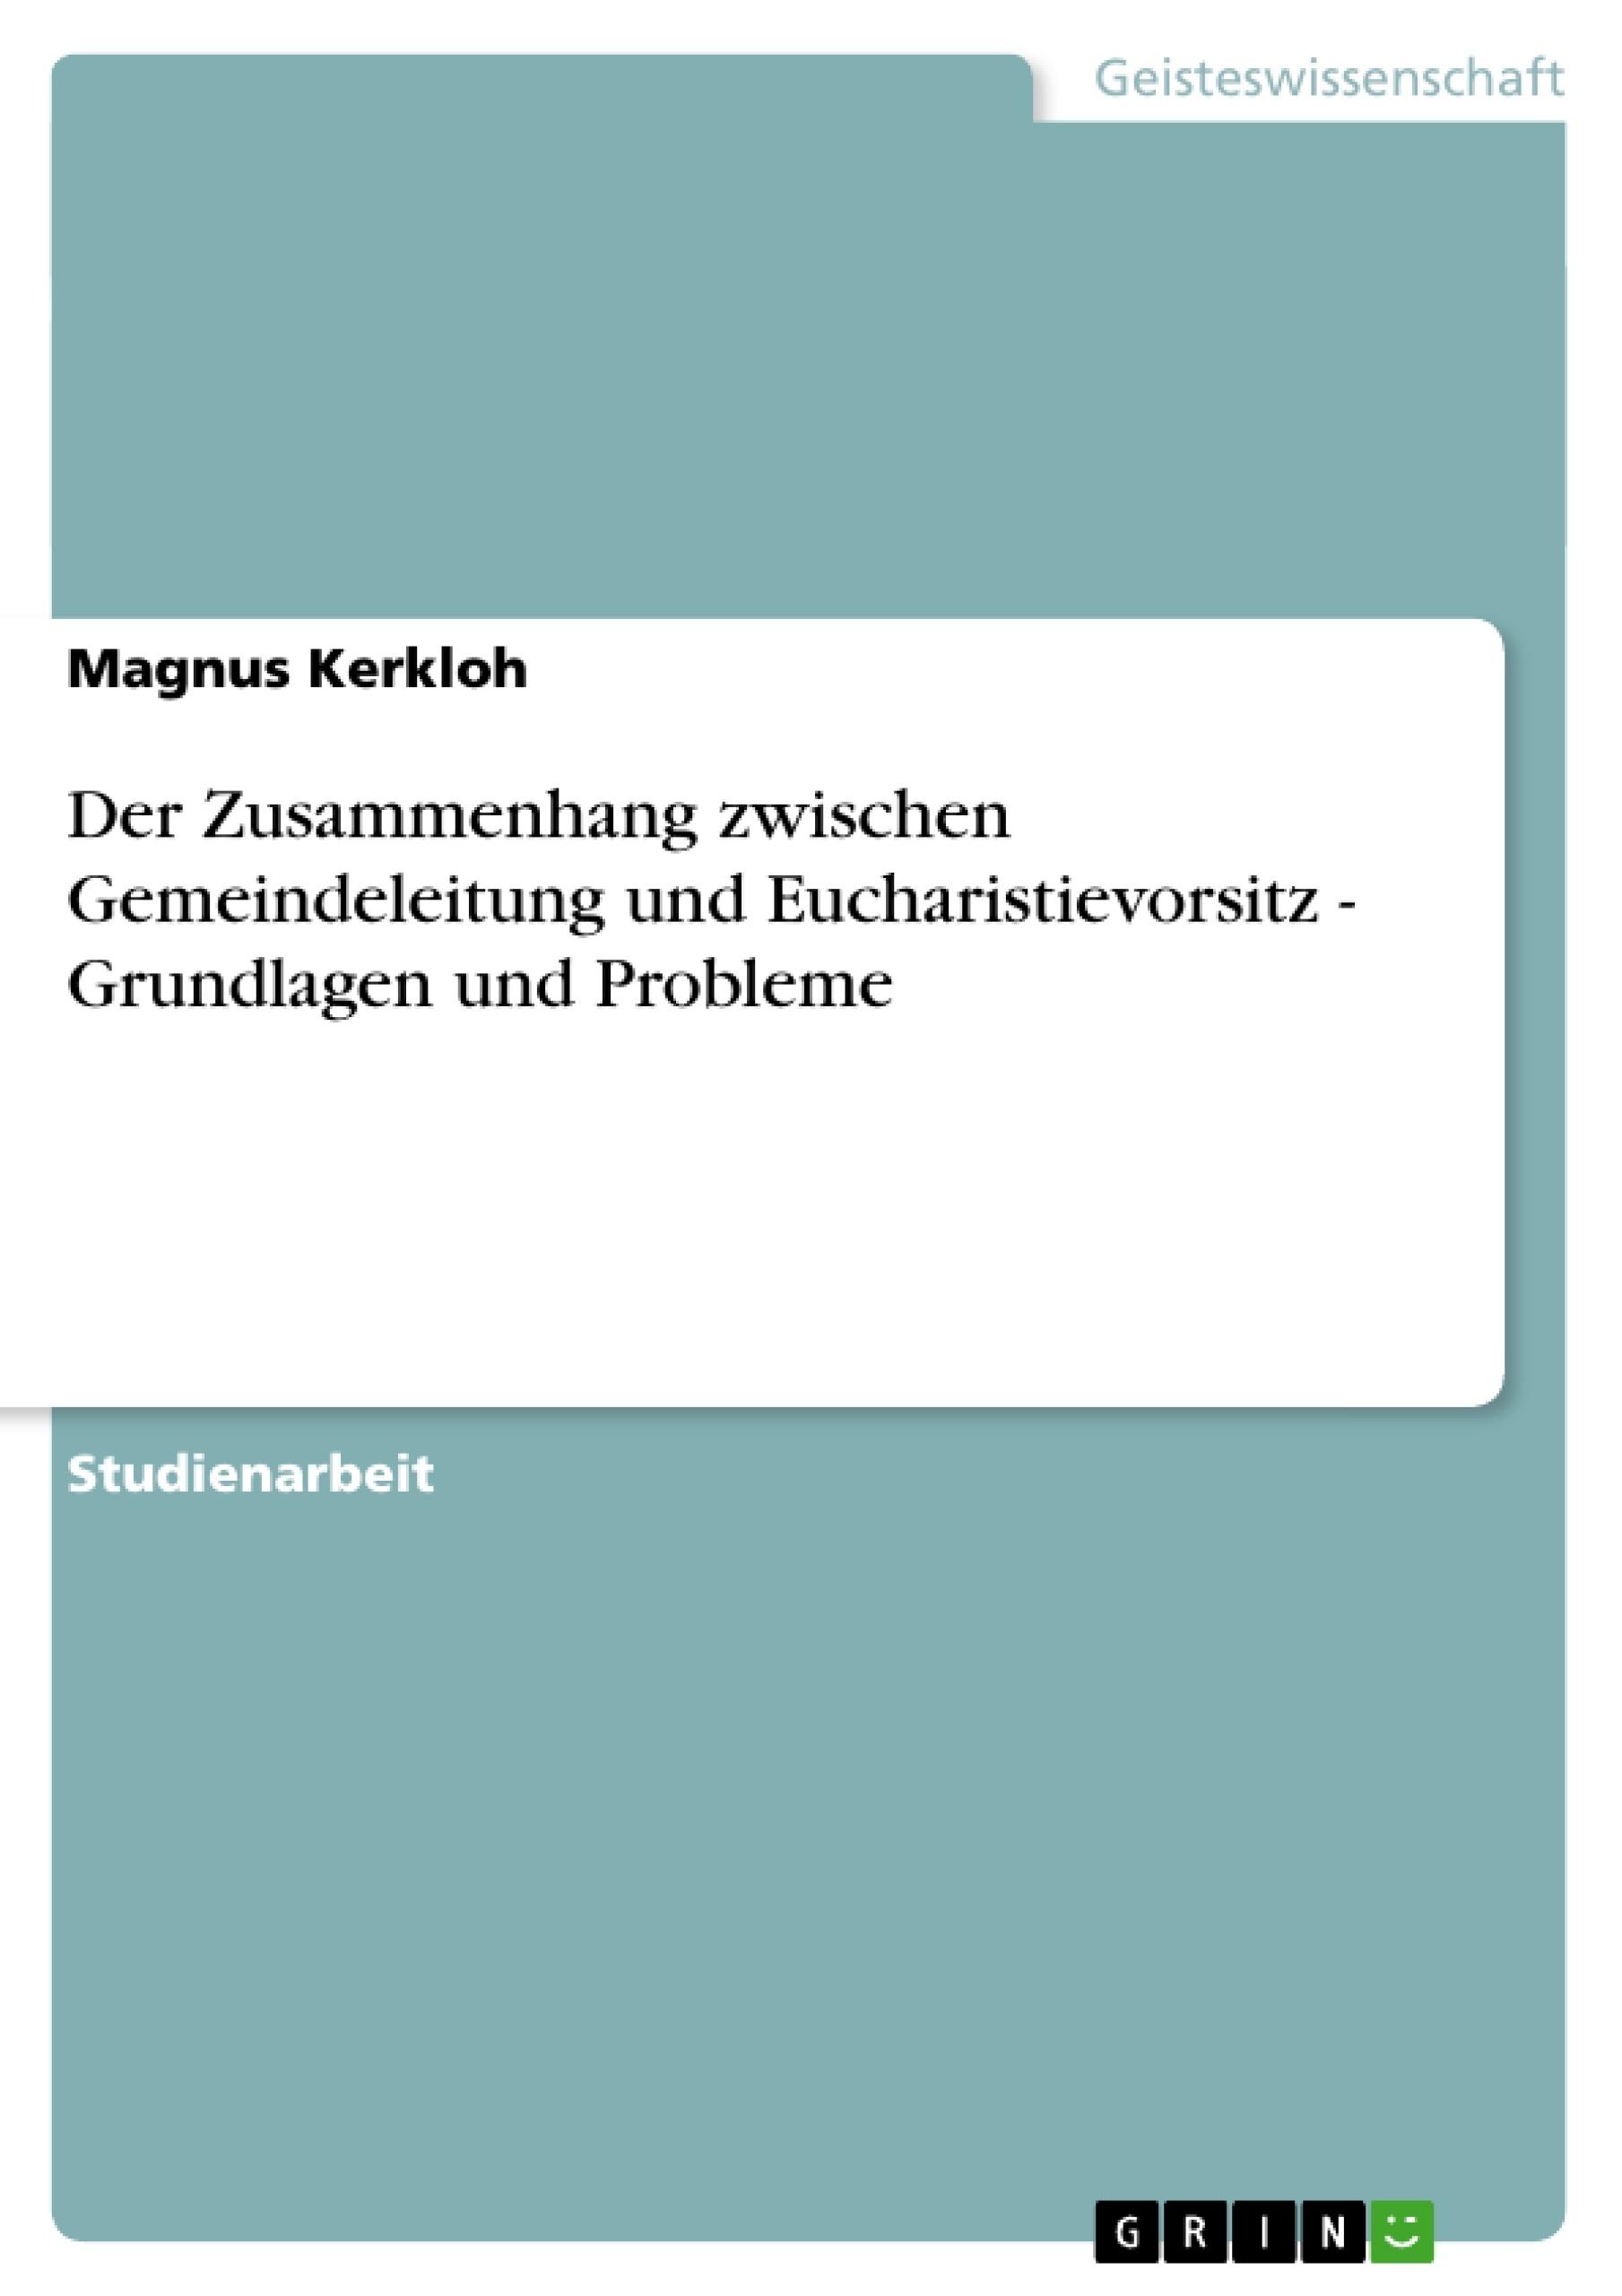 Titel: Der Zusammenhang zwischen Gemeindeleitung und Eucharistievorsitz - Grundlagen und Probleme